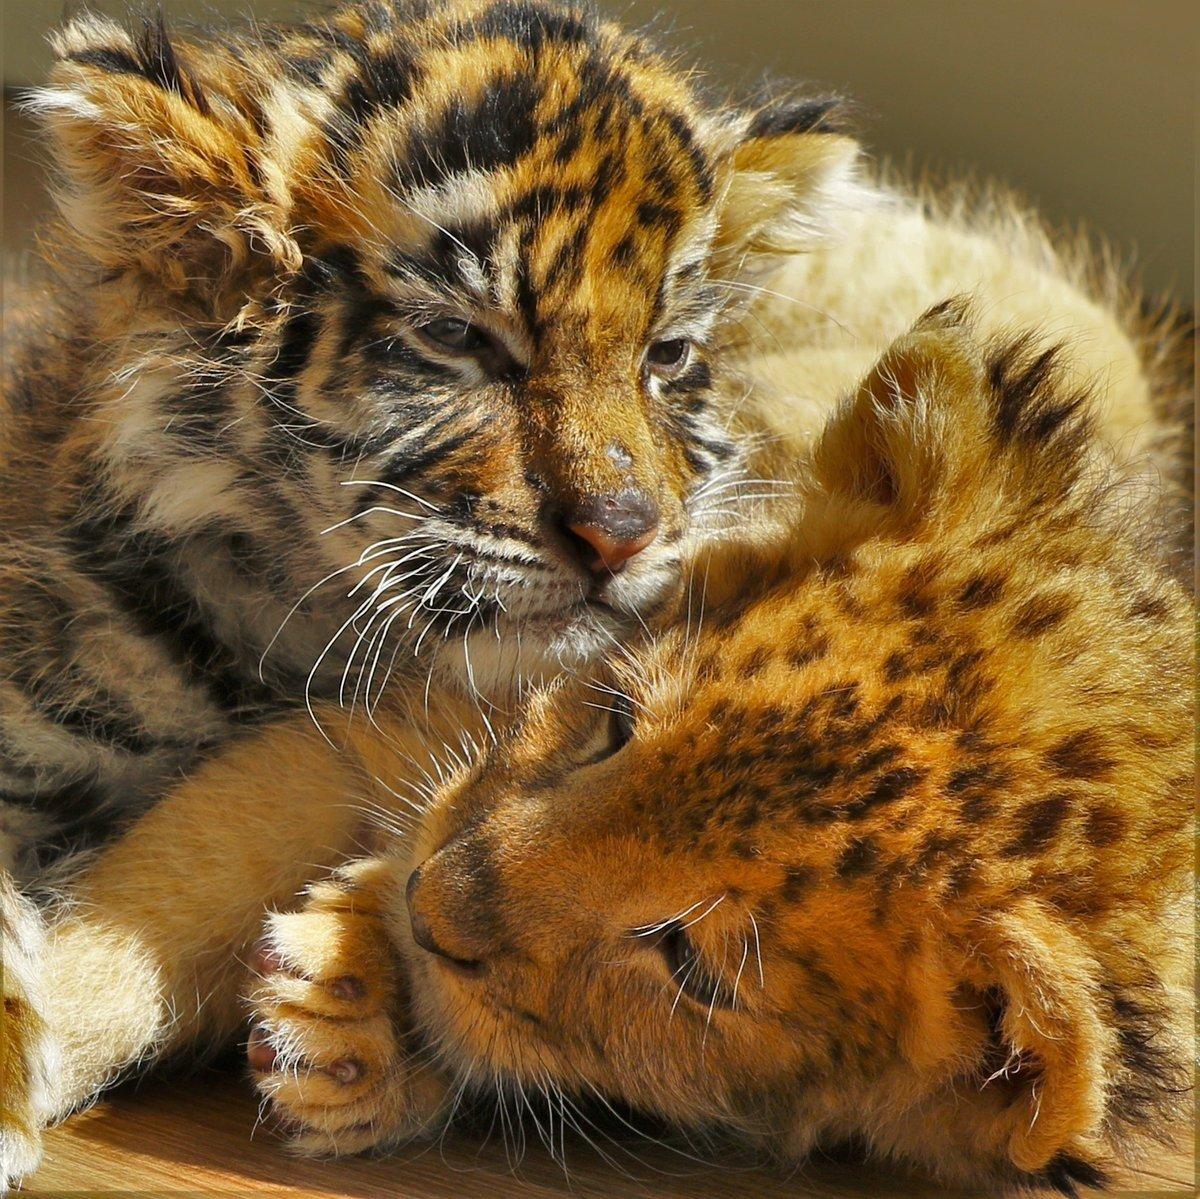 un b b tigre et un lionceau deviennent les meilleurs amis du monde avec les photos vous. Black Bedroom Furniture Sets. Home Design Ideas